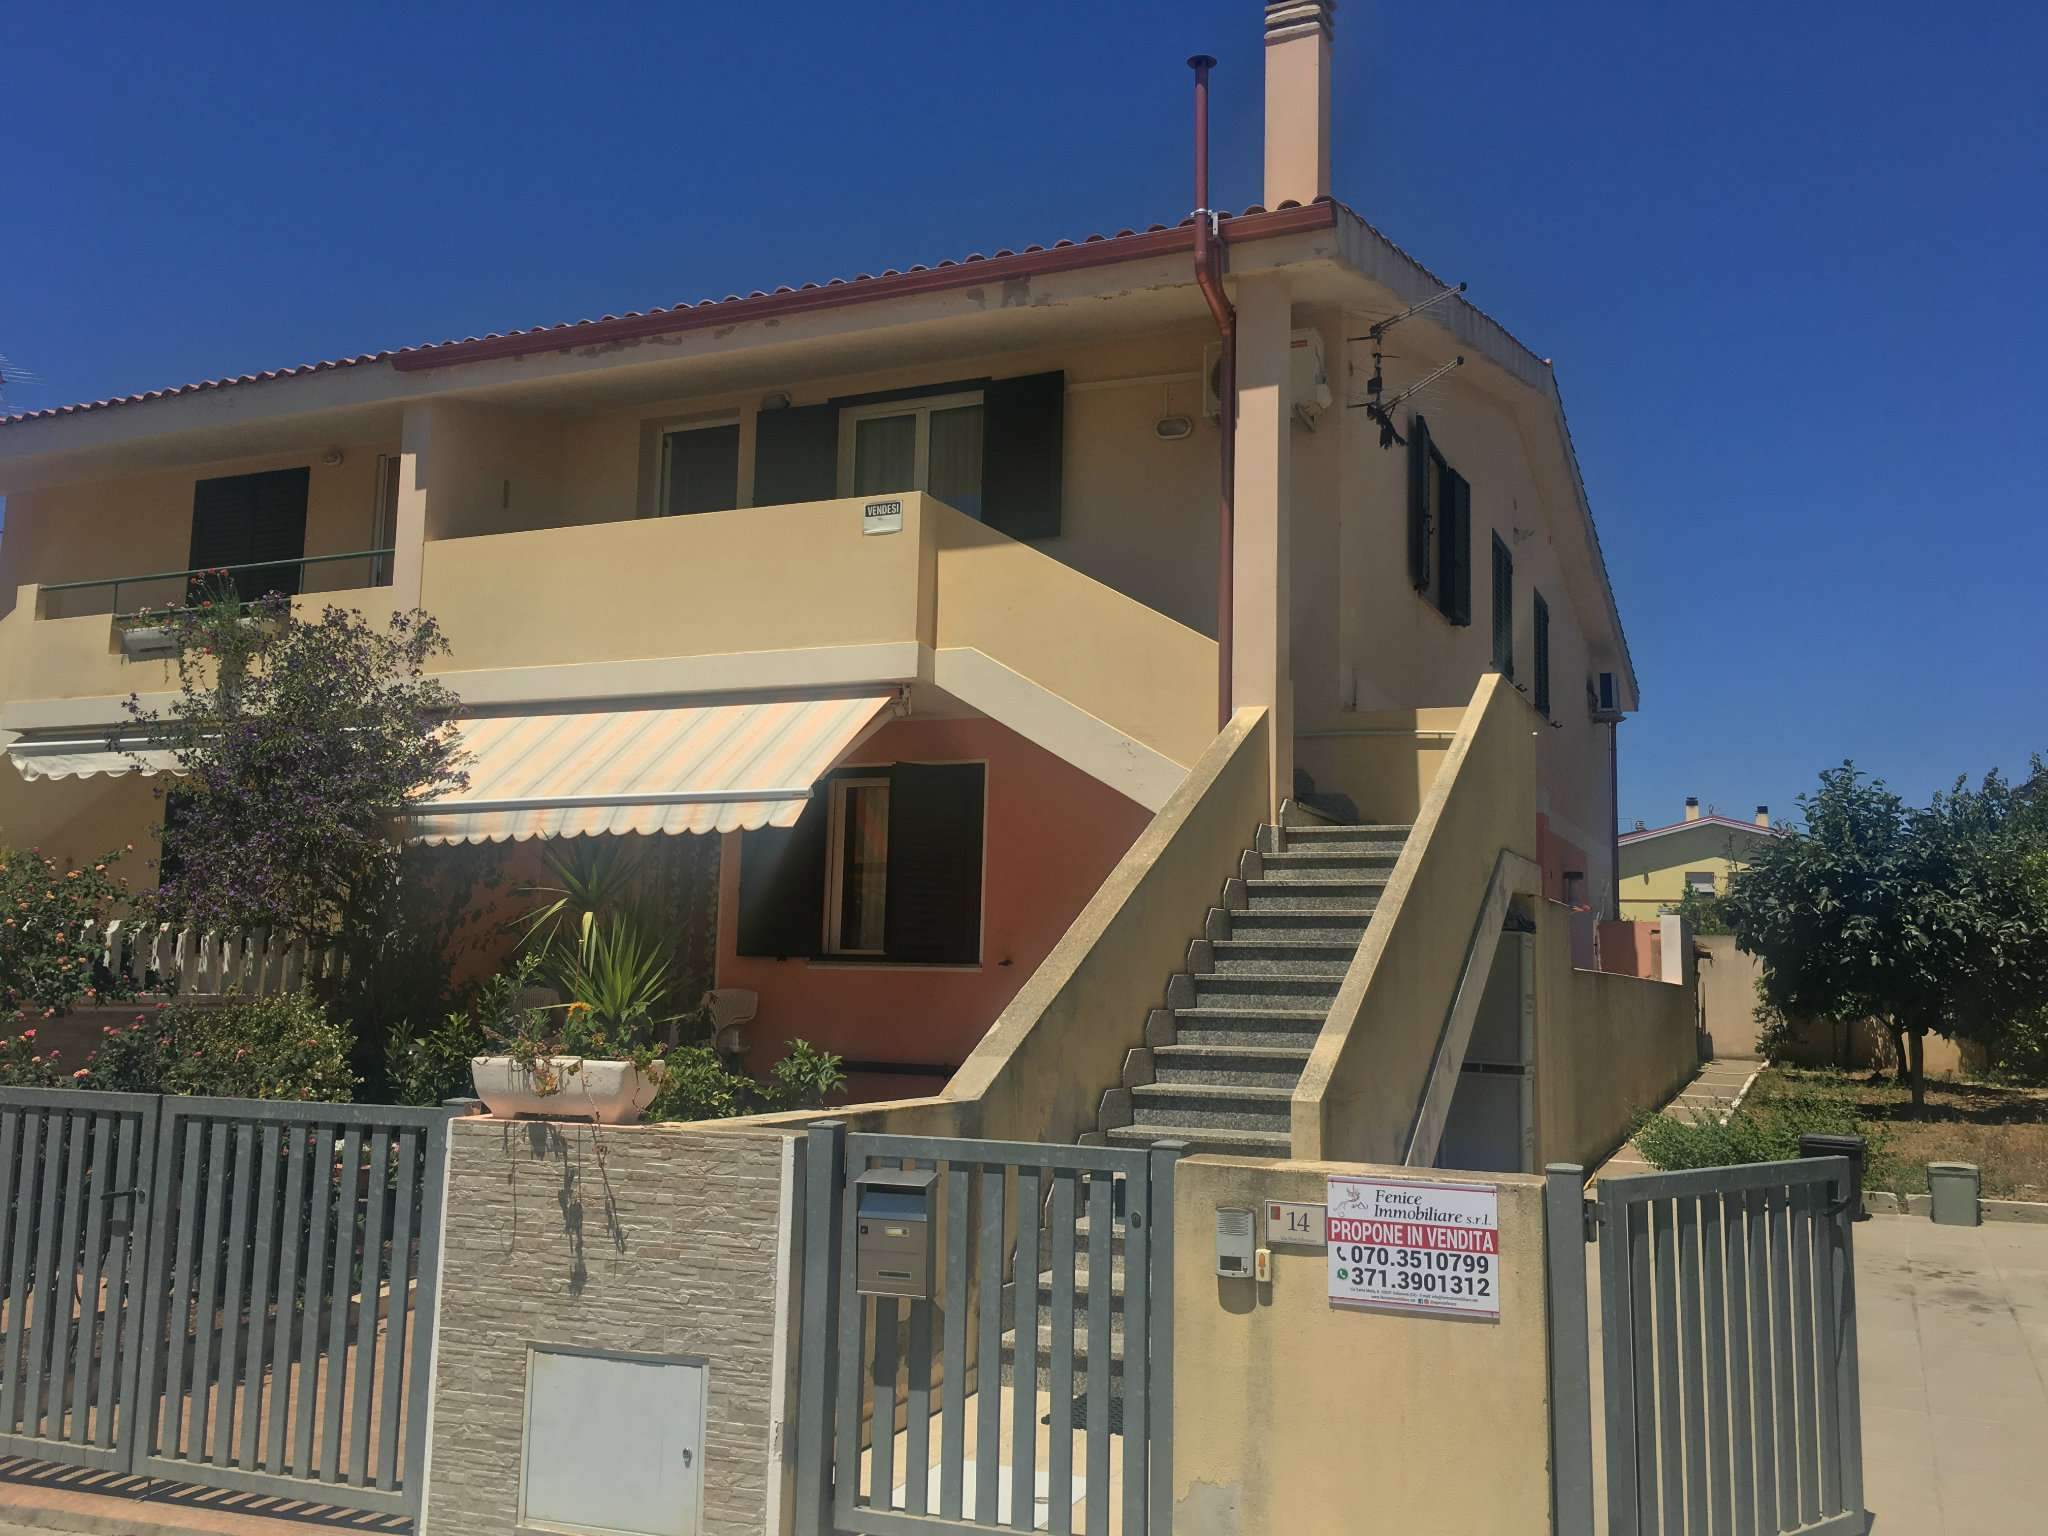 Soluzione Semindipendente in vendita a Dolianova, 5 locali, prezzo € 135.000 | Cambio Casa.it